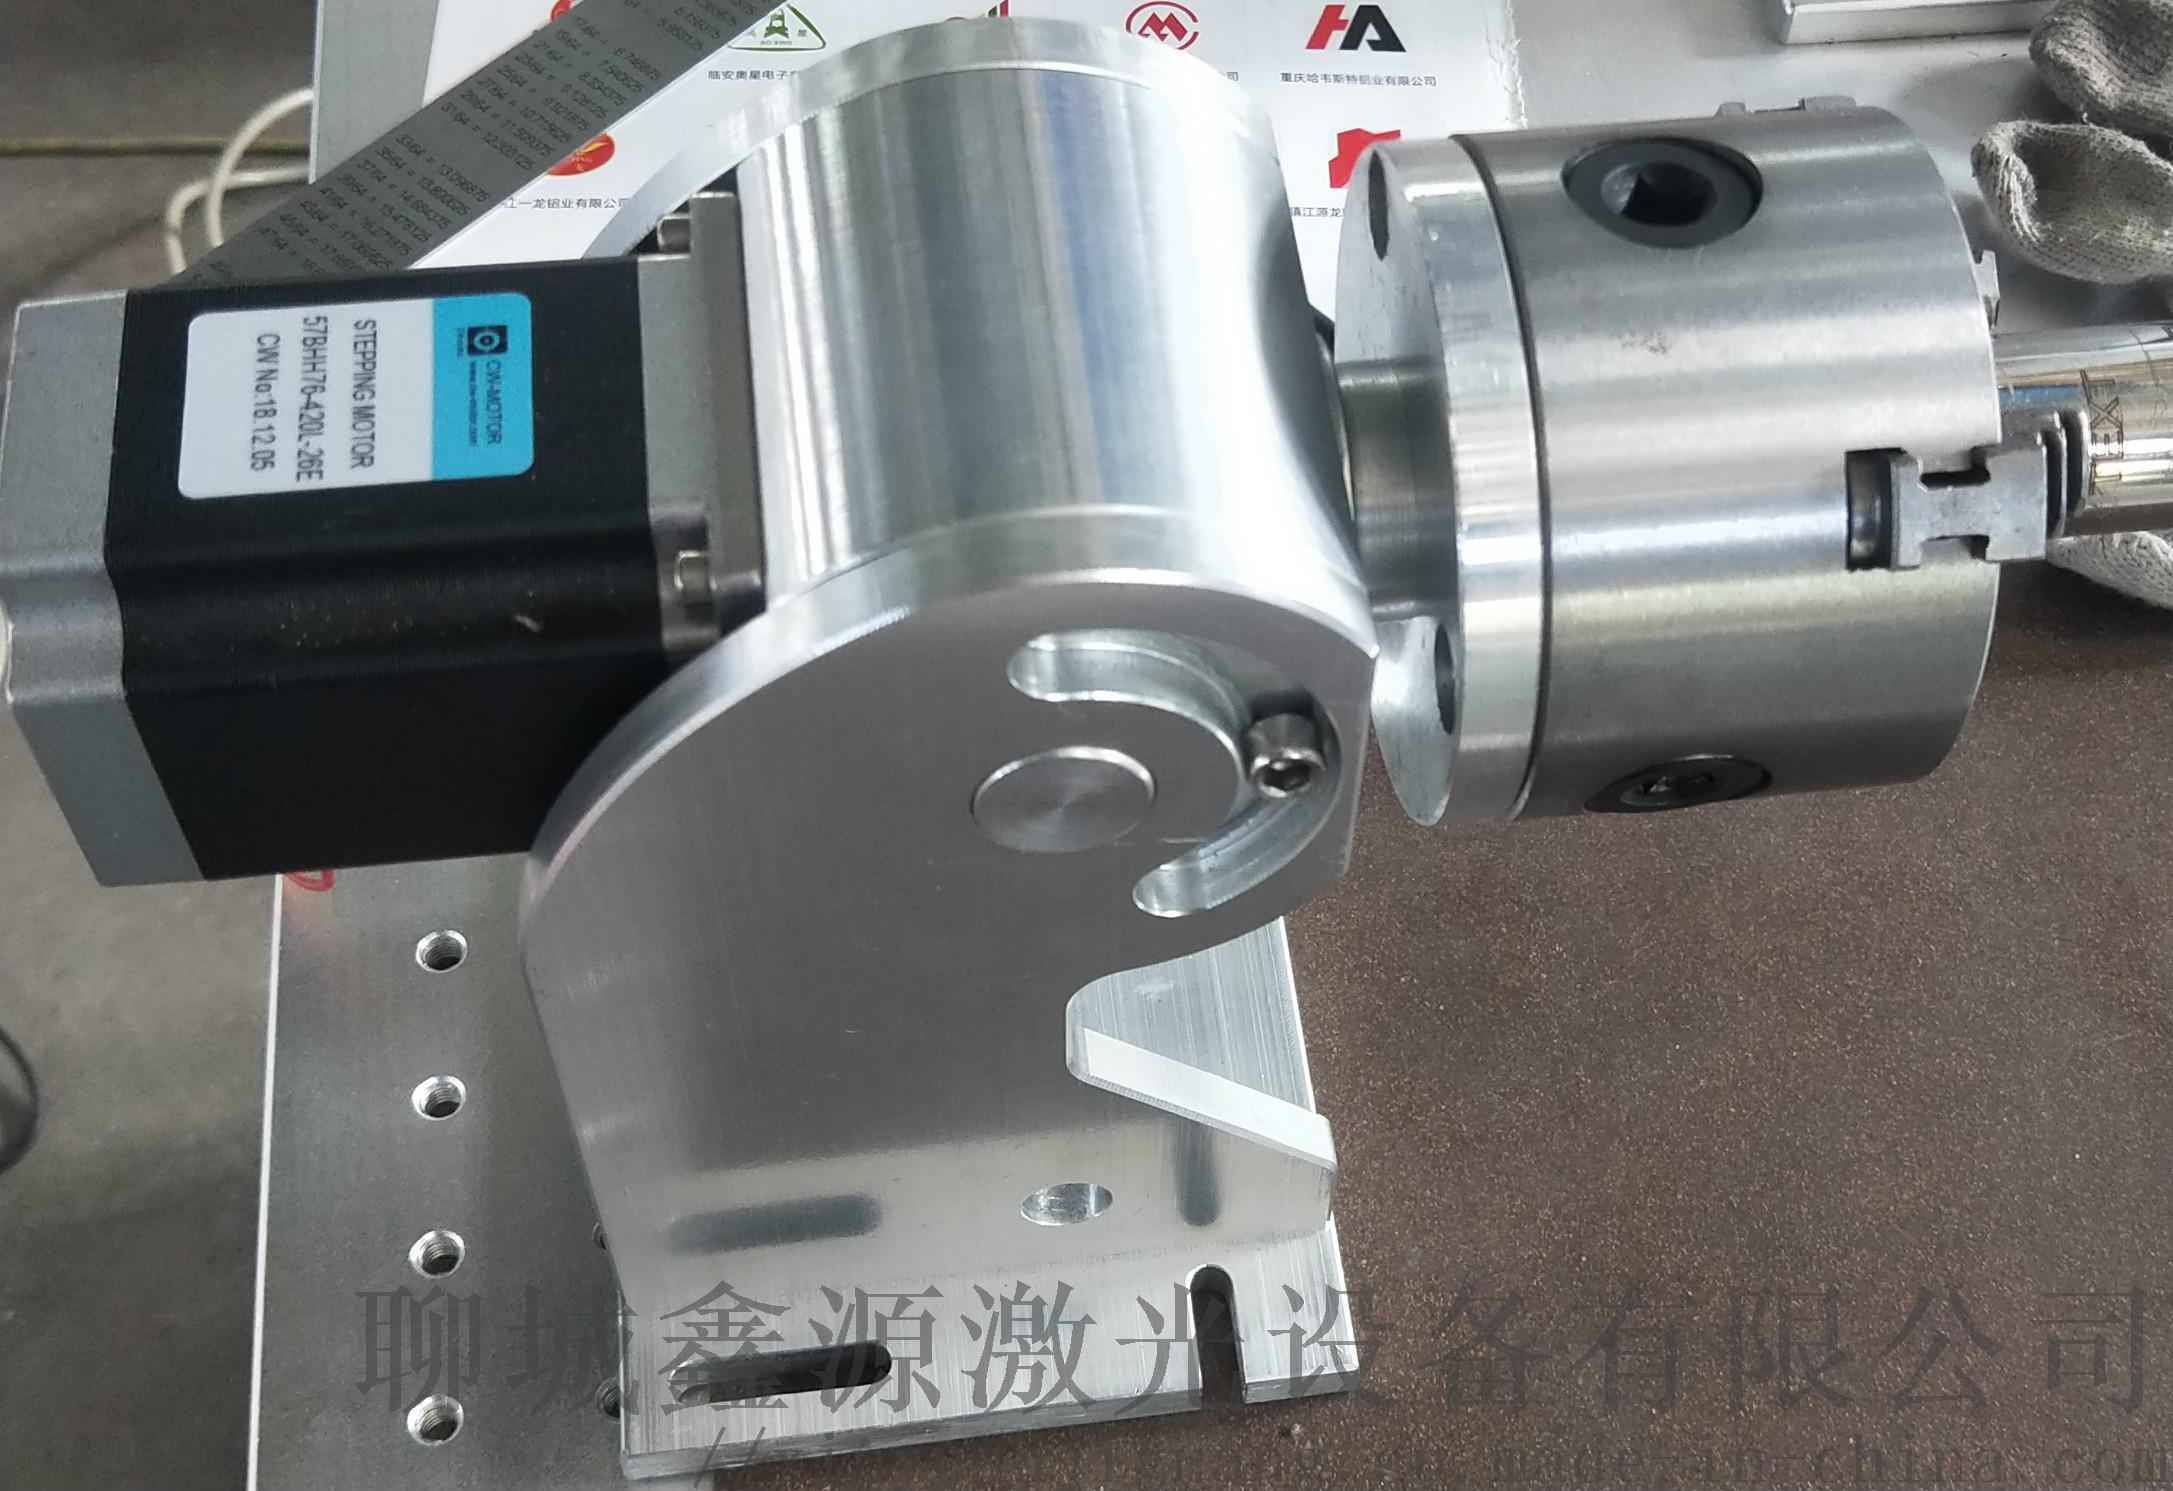 茶葉包裝商標雕刻機小型光纖鐳射打標機92857662